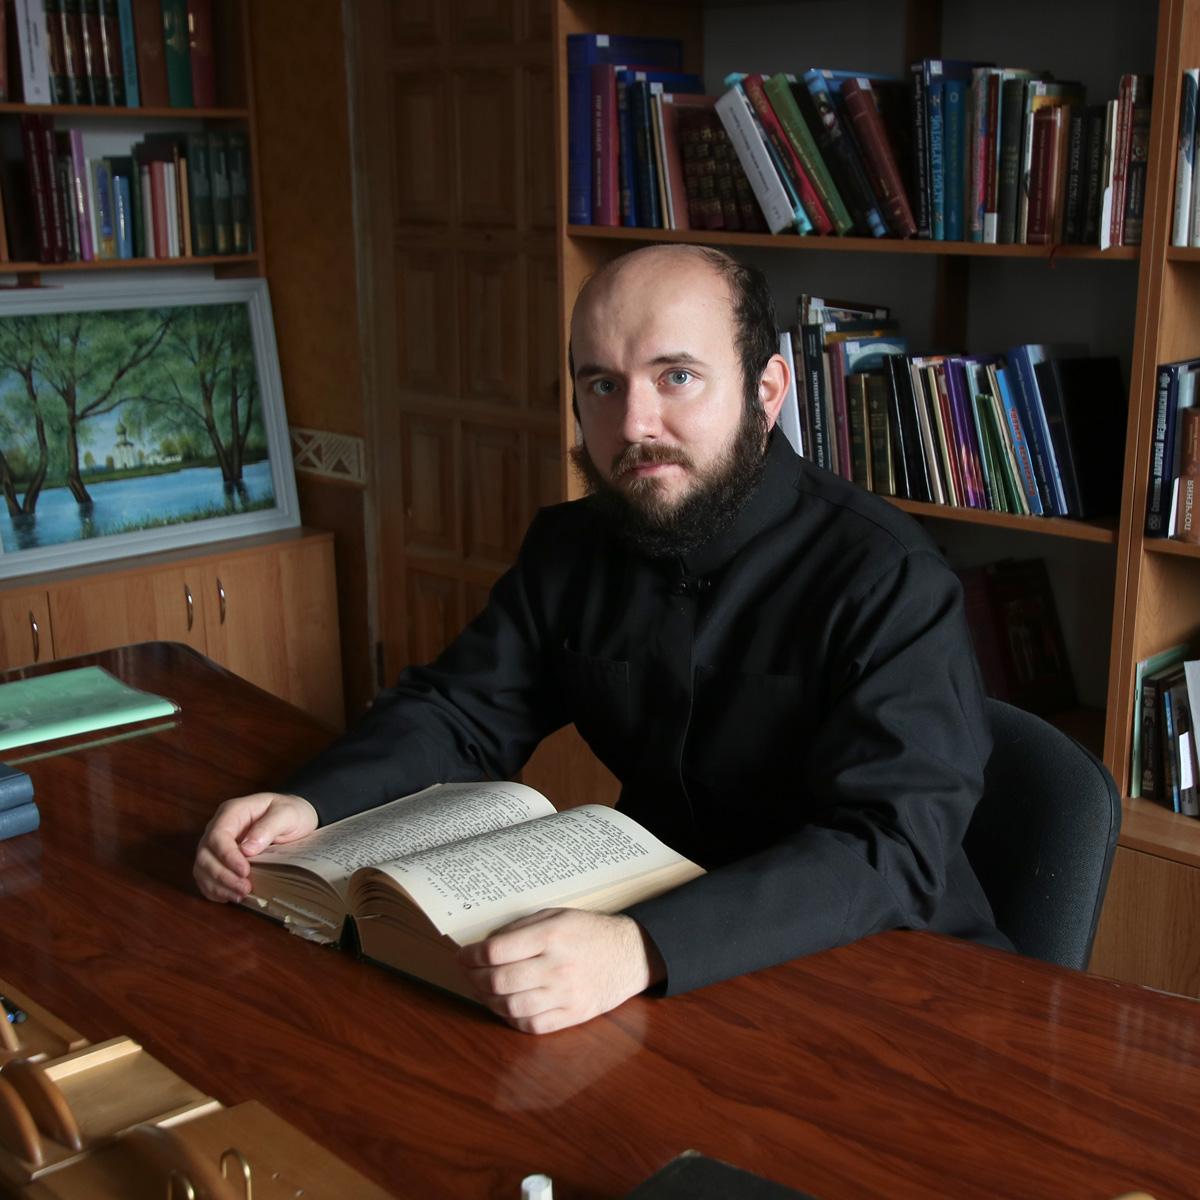 Катехизис, Священная история Нового Завета, Священная история Ветхого Завета